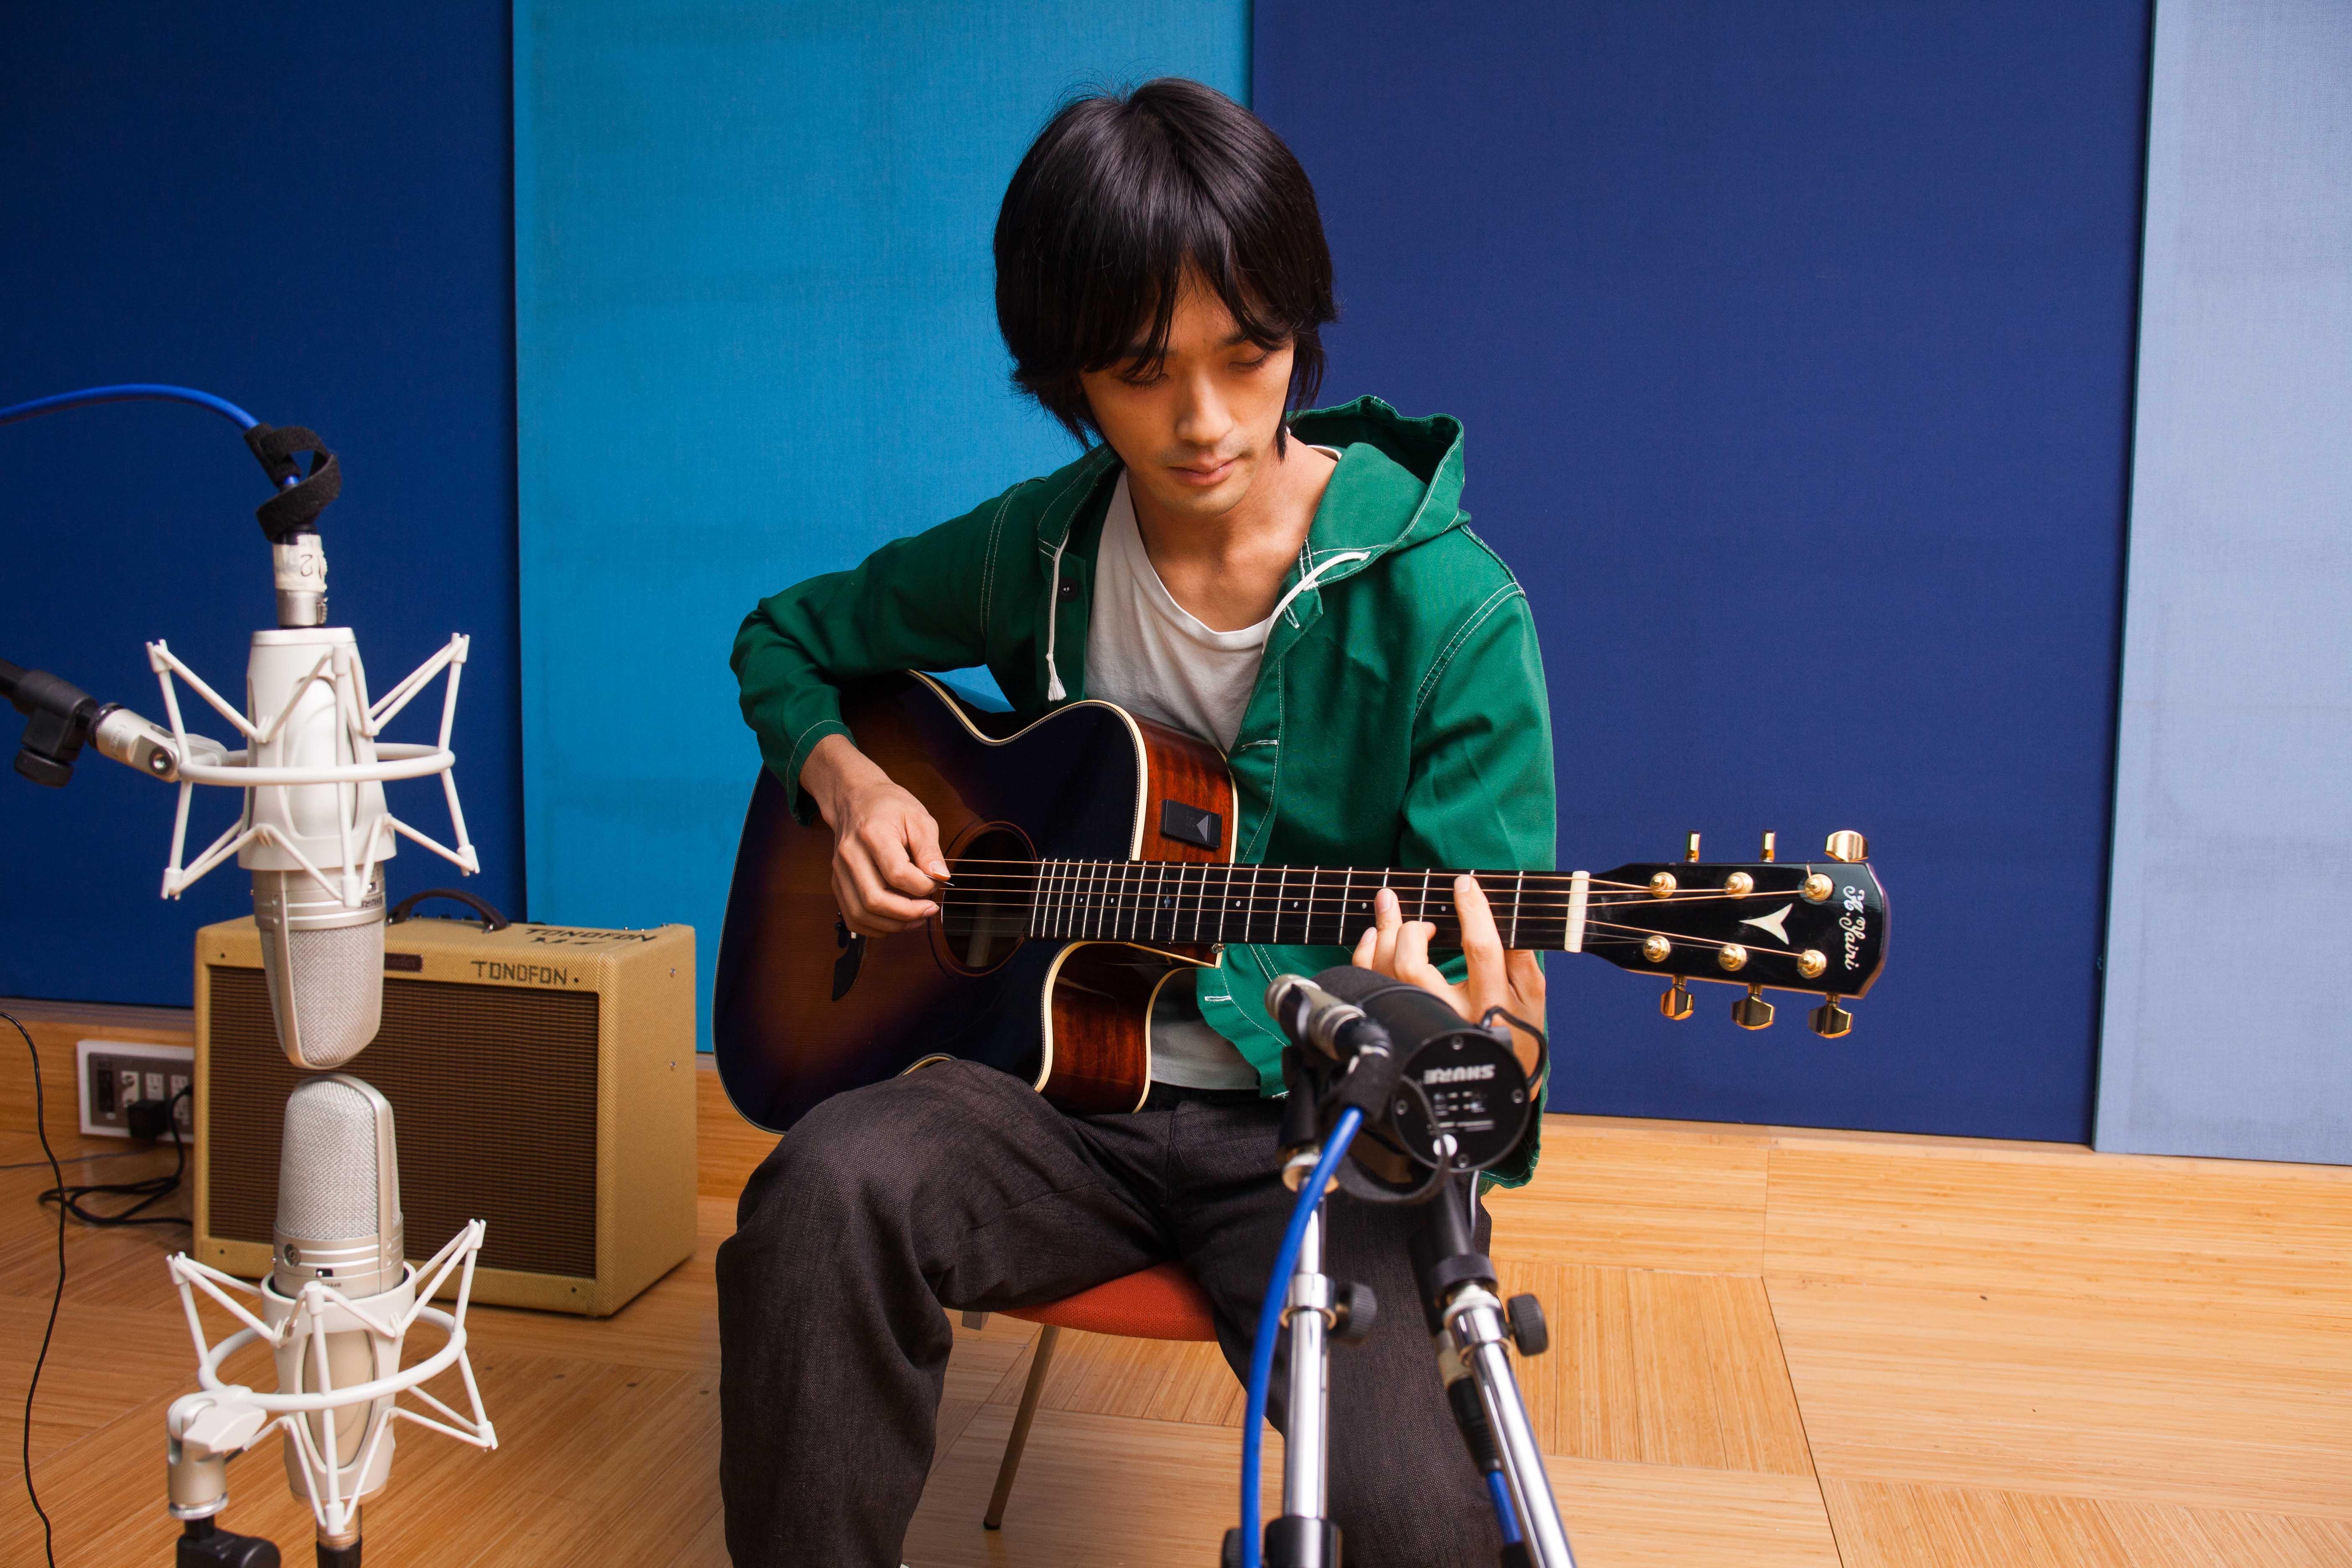 Guitar: KSM44A, KSM137, SM7B